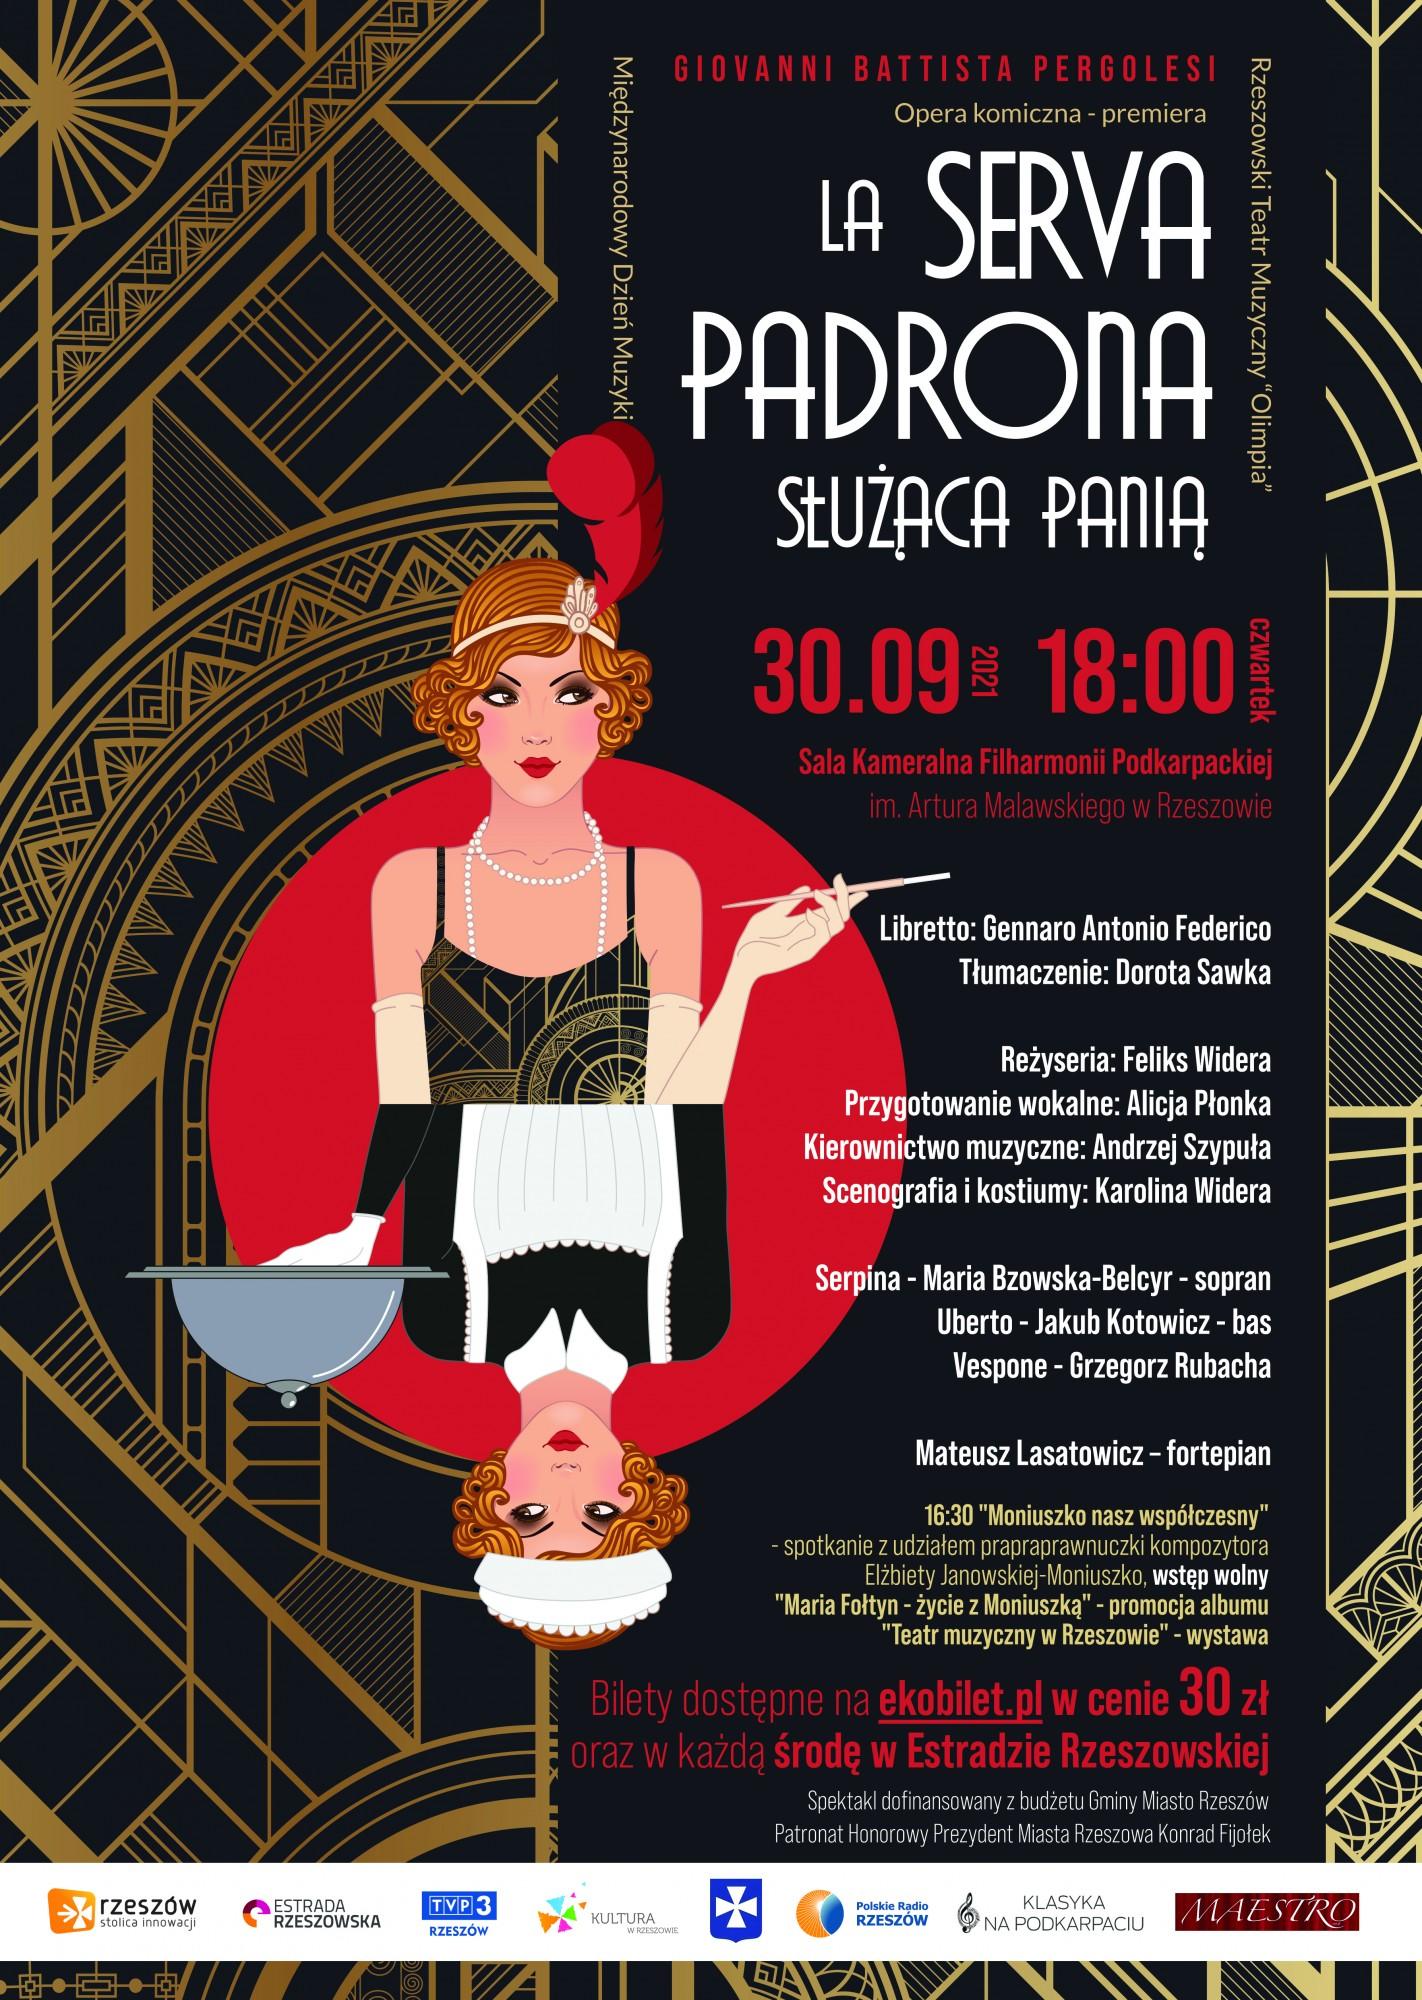 """Plakat opery komicznej """"LA SERVA PADRONA"""" przedstawiający pokojówkę i damę"""